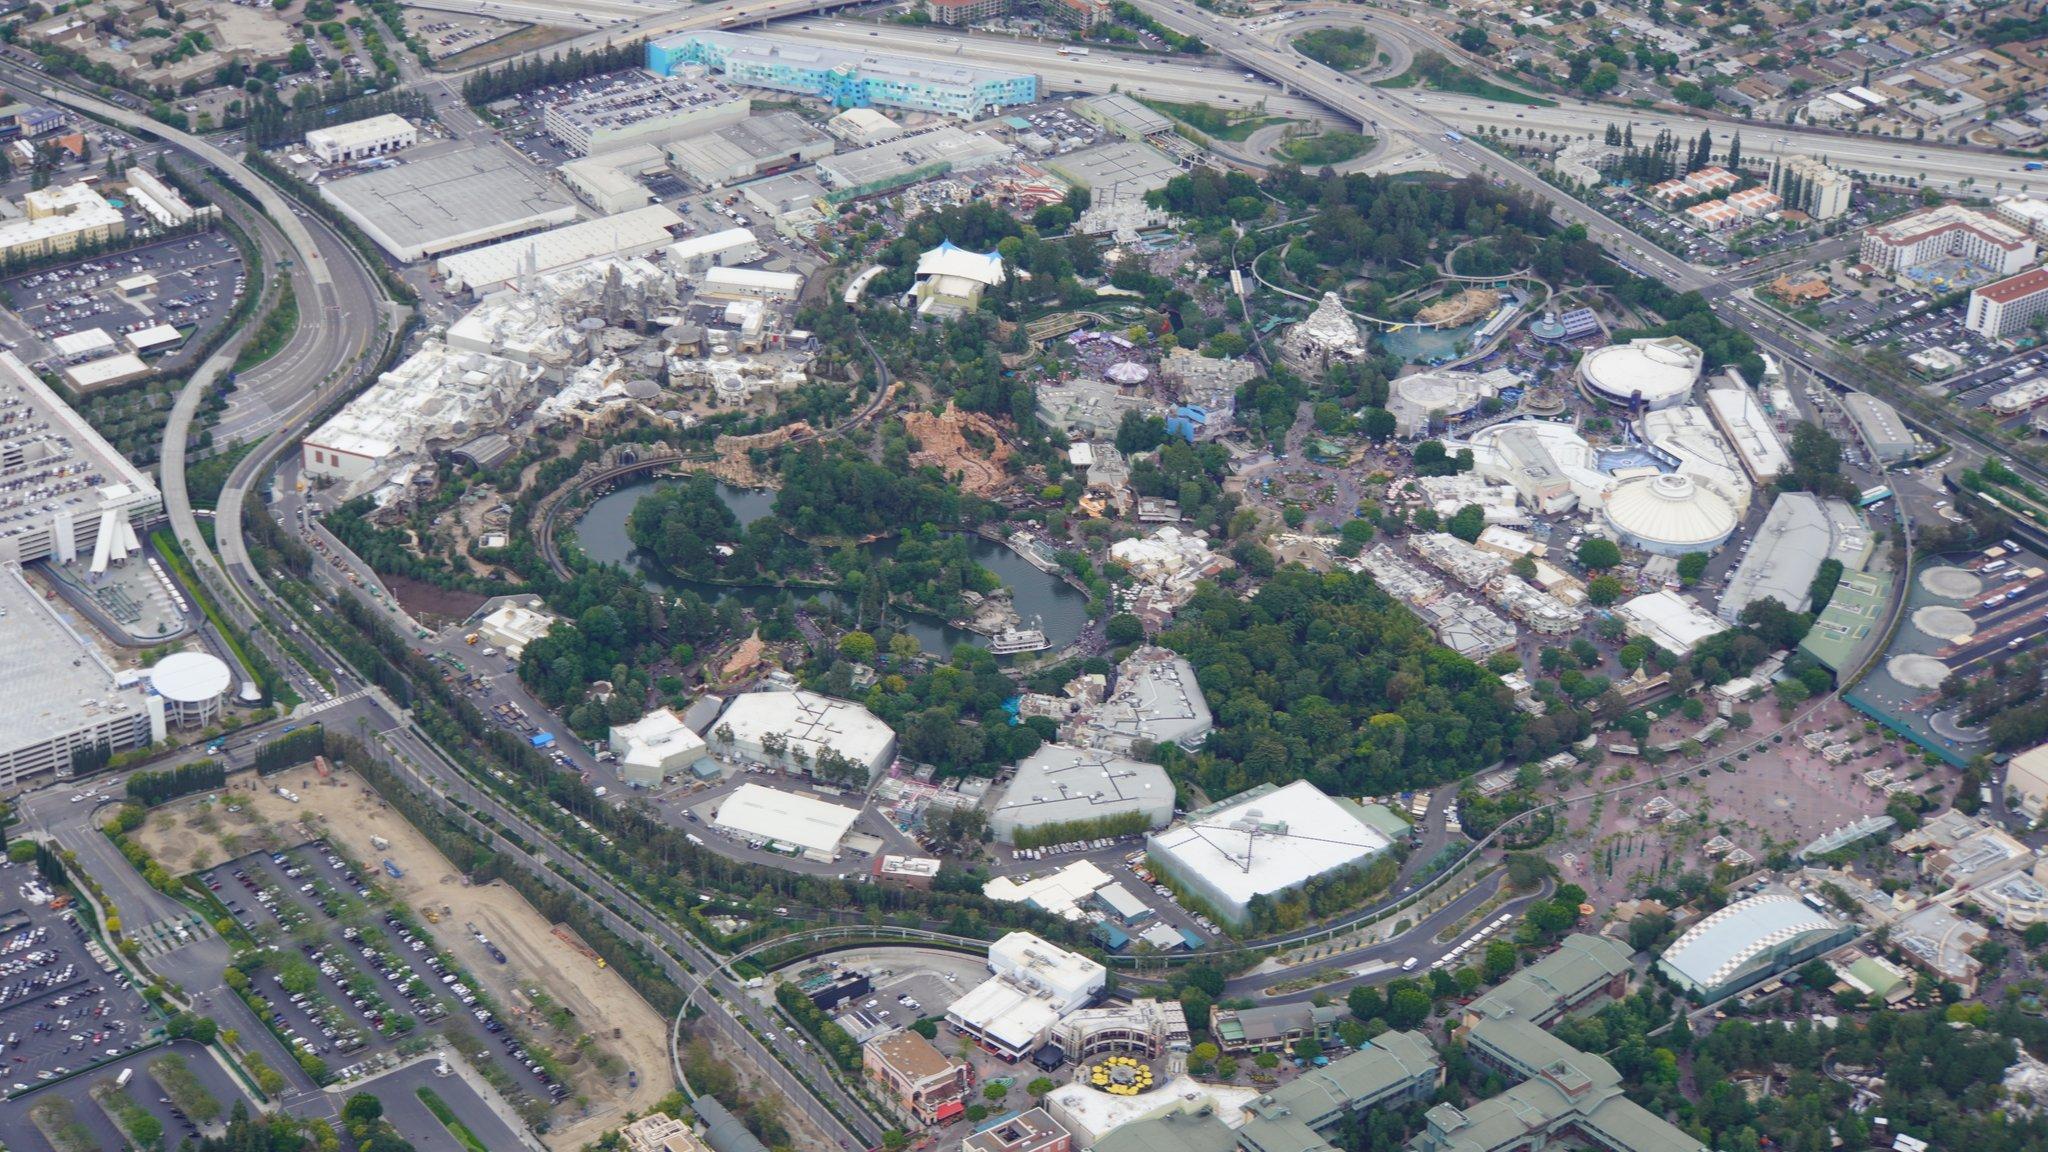 Disneyland Resort vu du ciel, des images sublimes! D6BLdeYUwAAyL-M